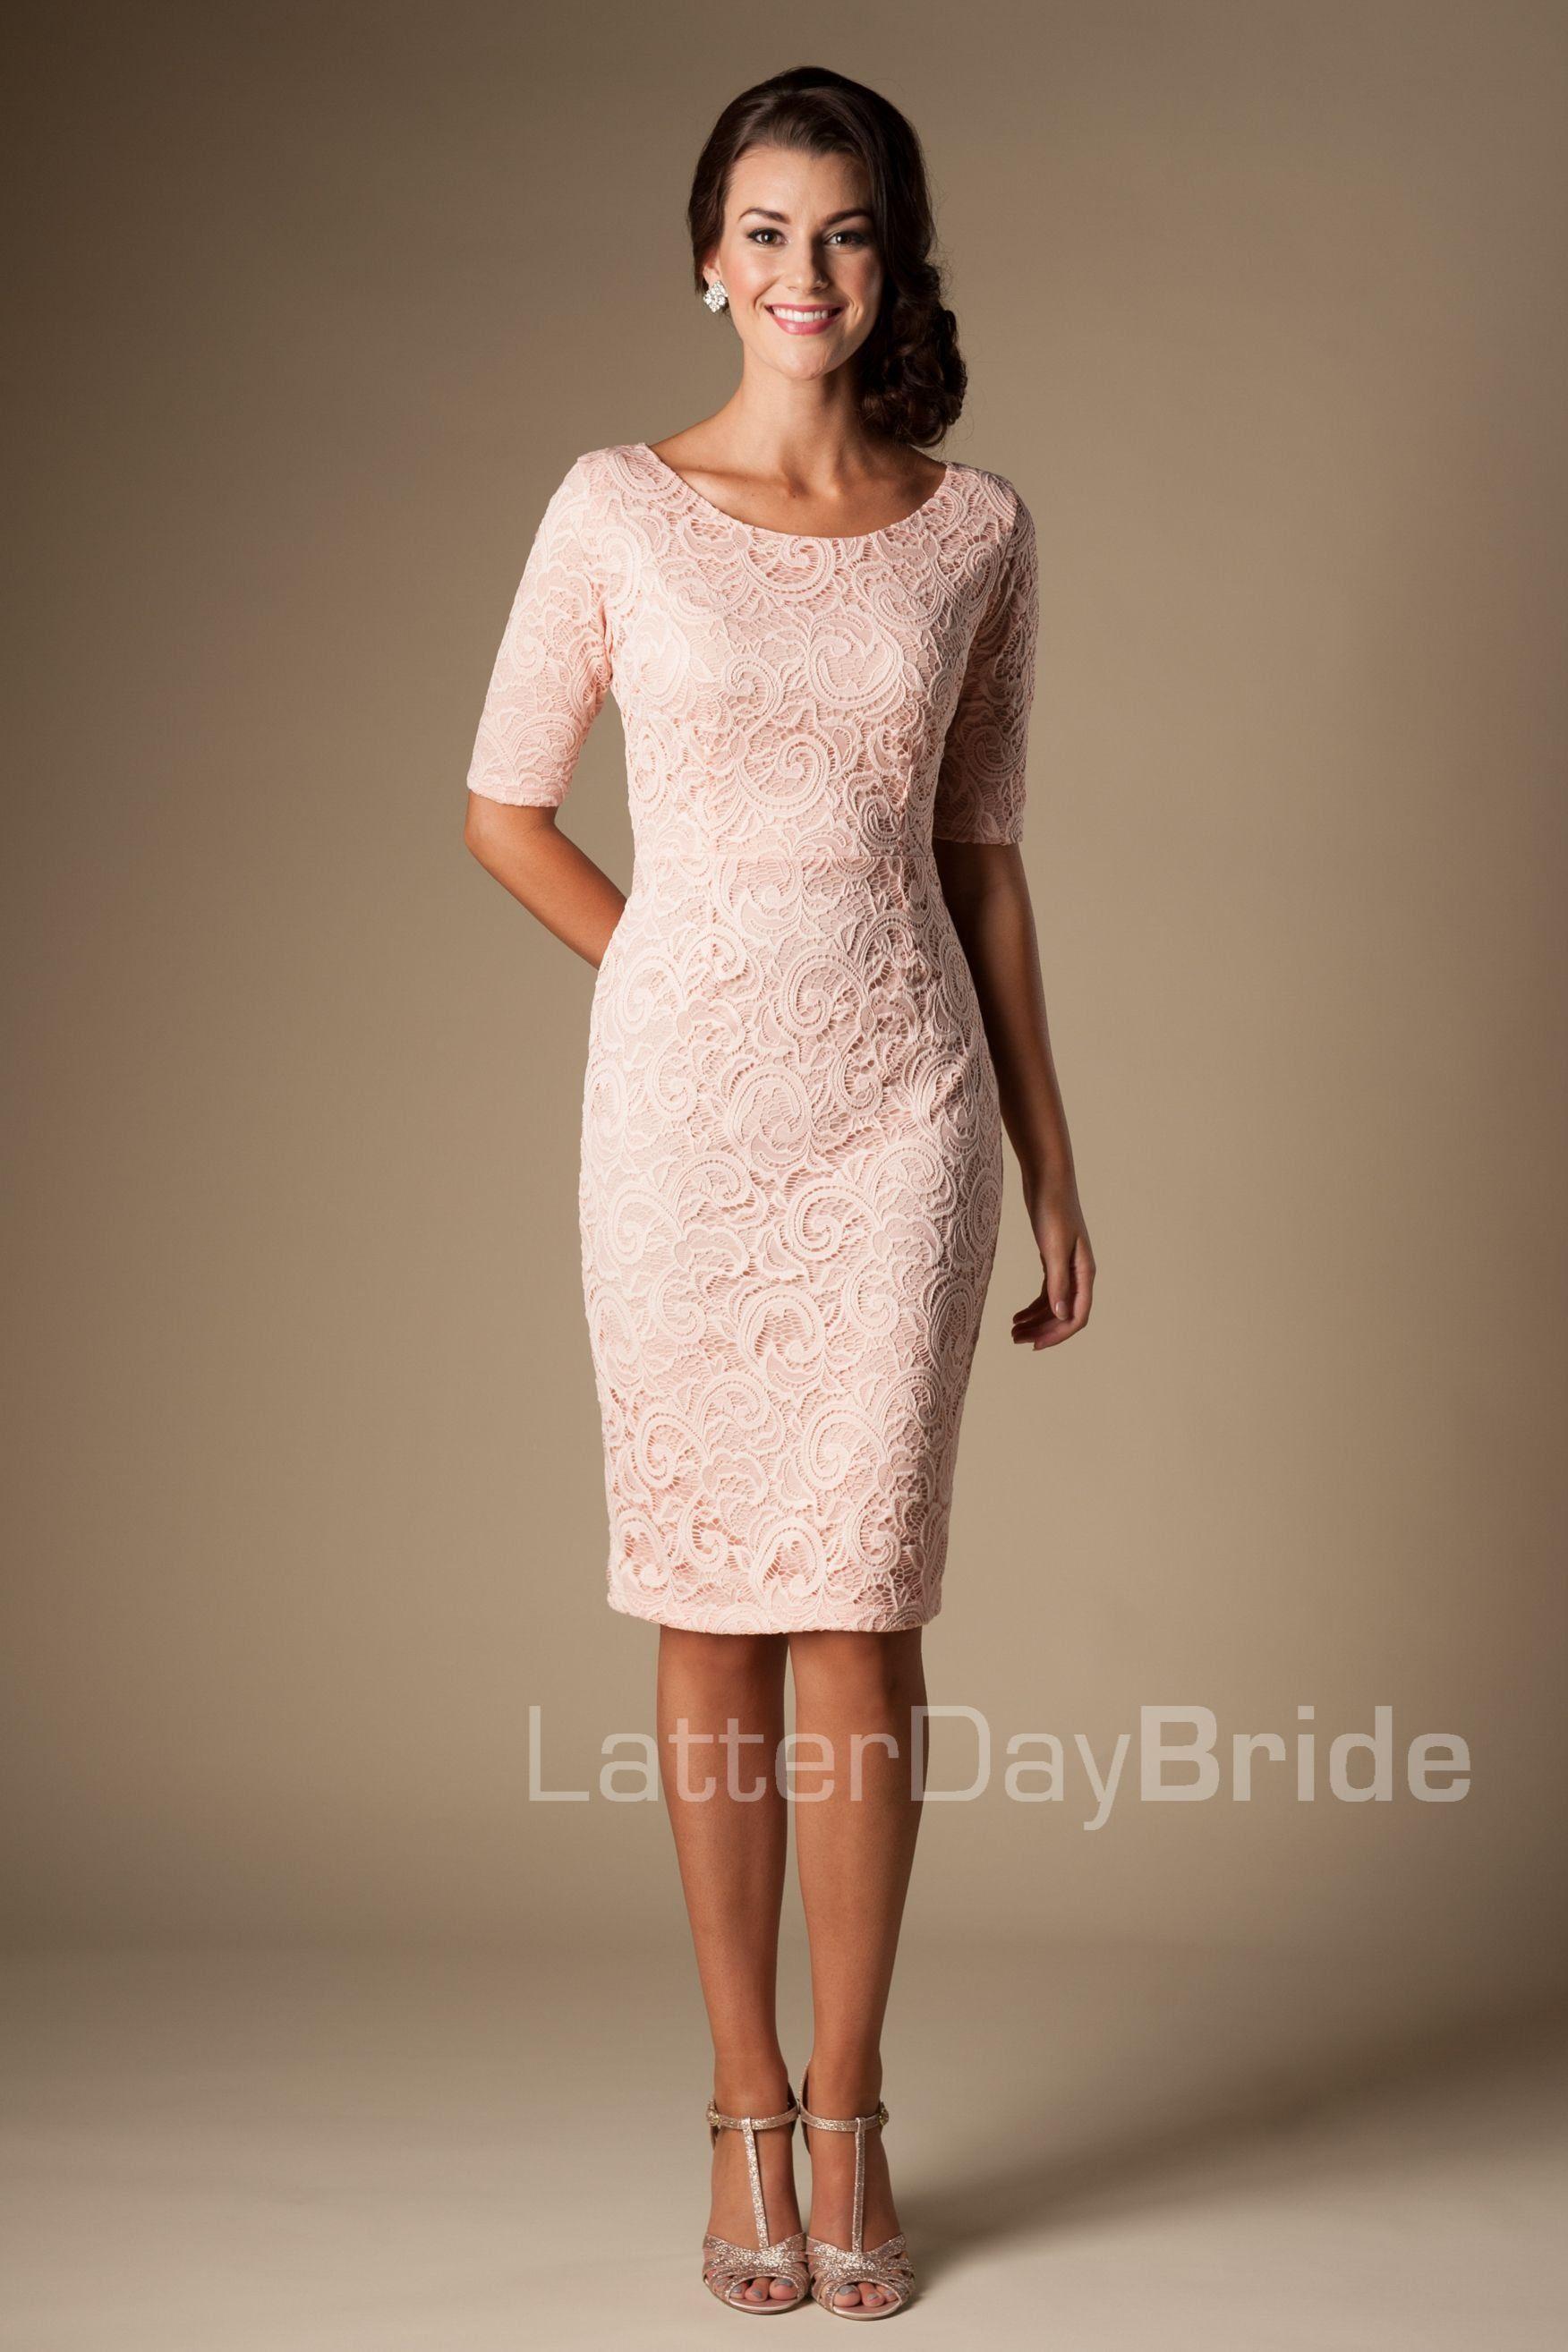 Schicke Kleider Fur Eine Hochzeit Top Modische Kleider Kleider Hochzeit Festliche Kleider Hochzeit Kleid Hochzeit Gast